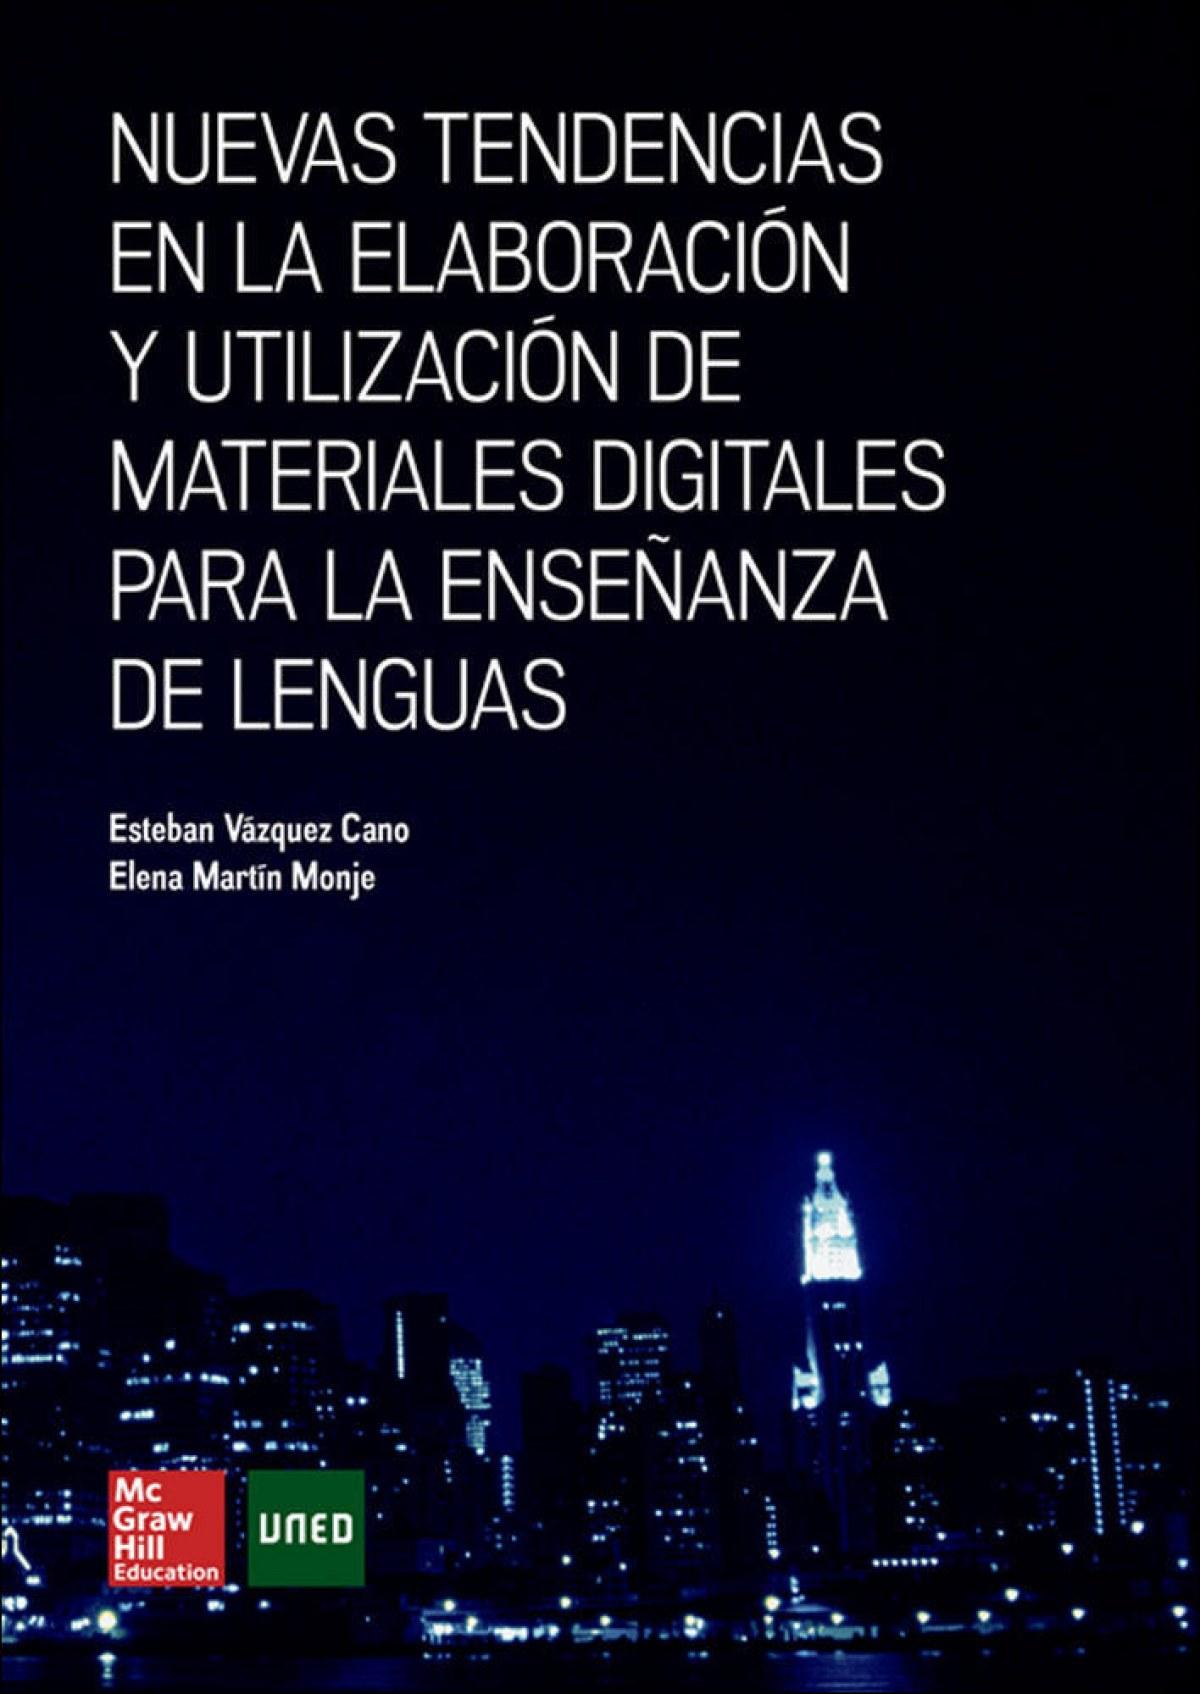 Nuevas tendencias en la elaboración de materiales digitales para la enseñanza de lengu